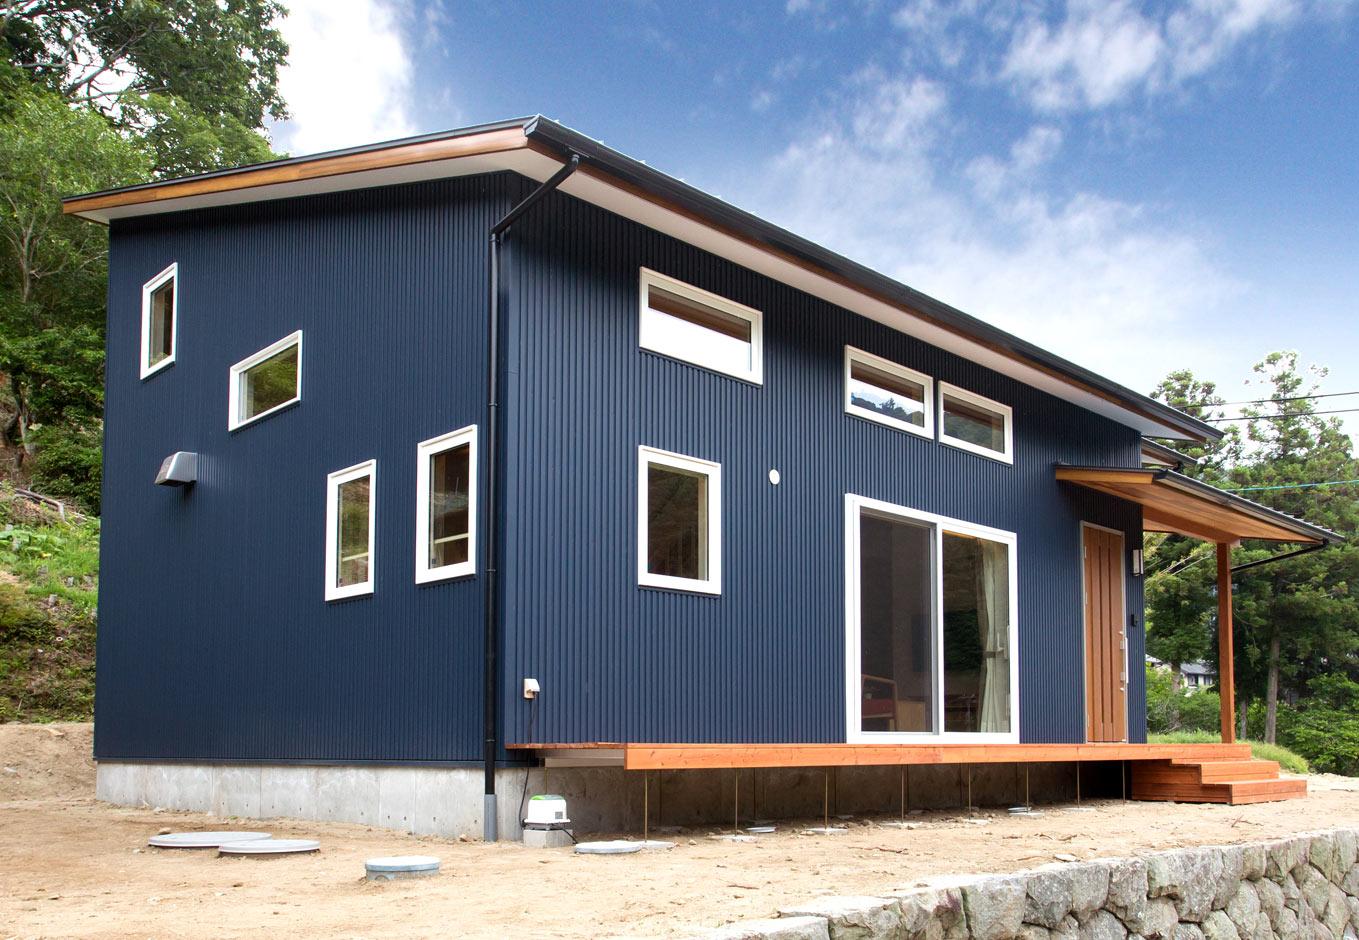 くらはし建築【収納力、省エネ、間取り】ガルバリウム鋼板とサイディングの、平屋建て風の外観。周辺の大自然ともマッチした建物だ